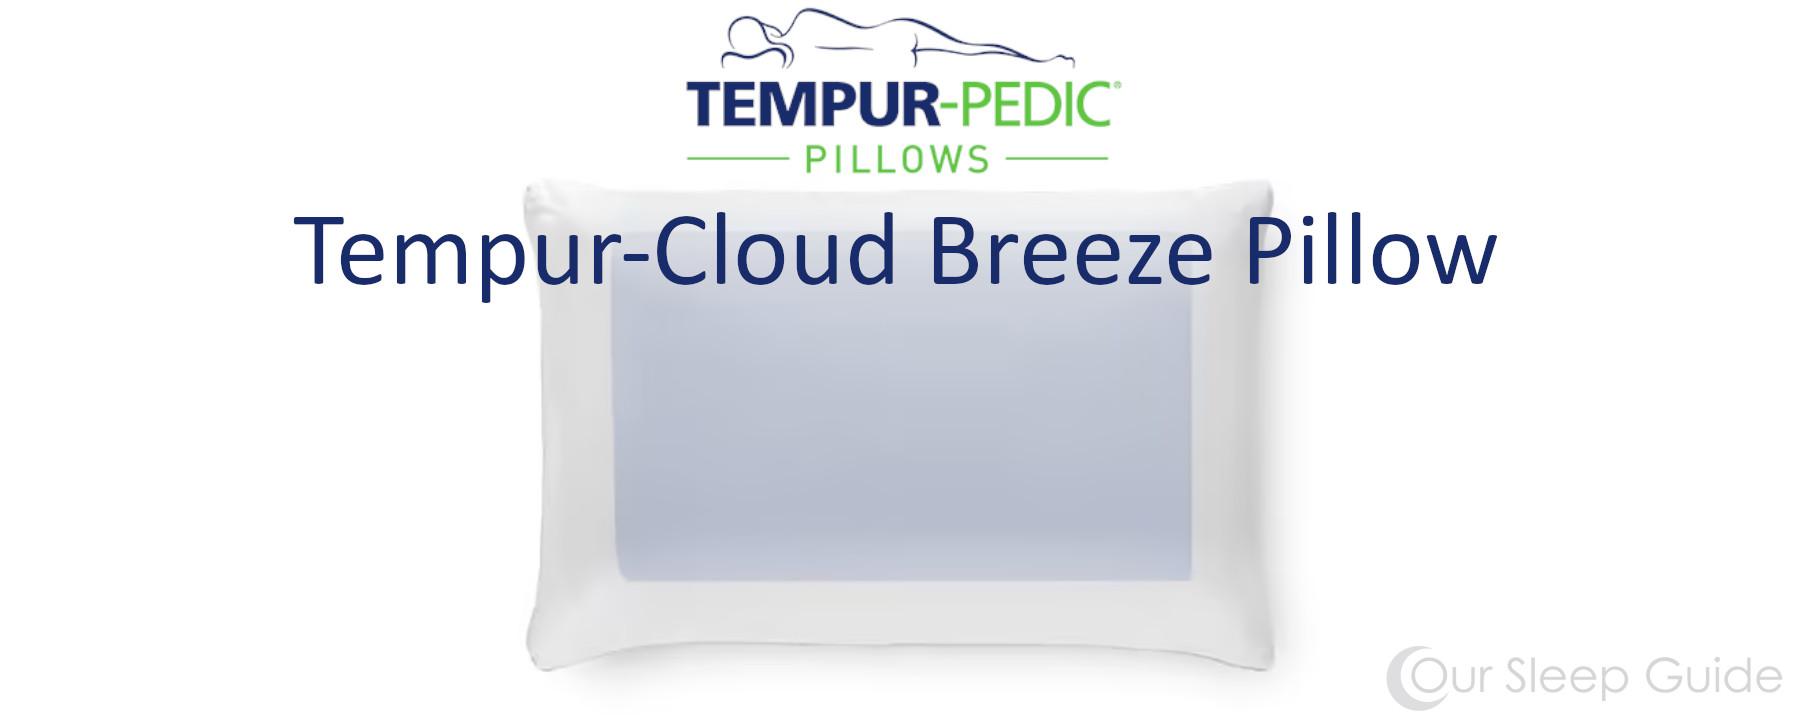 tempur-pedic pillow review